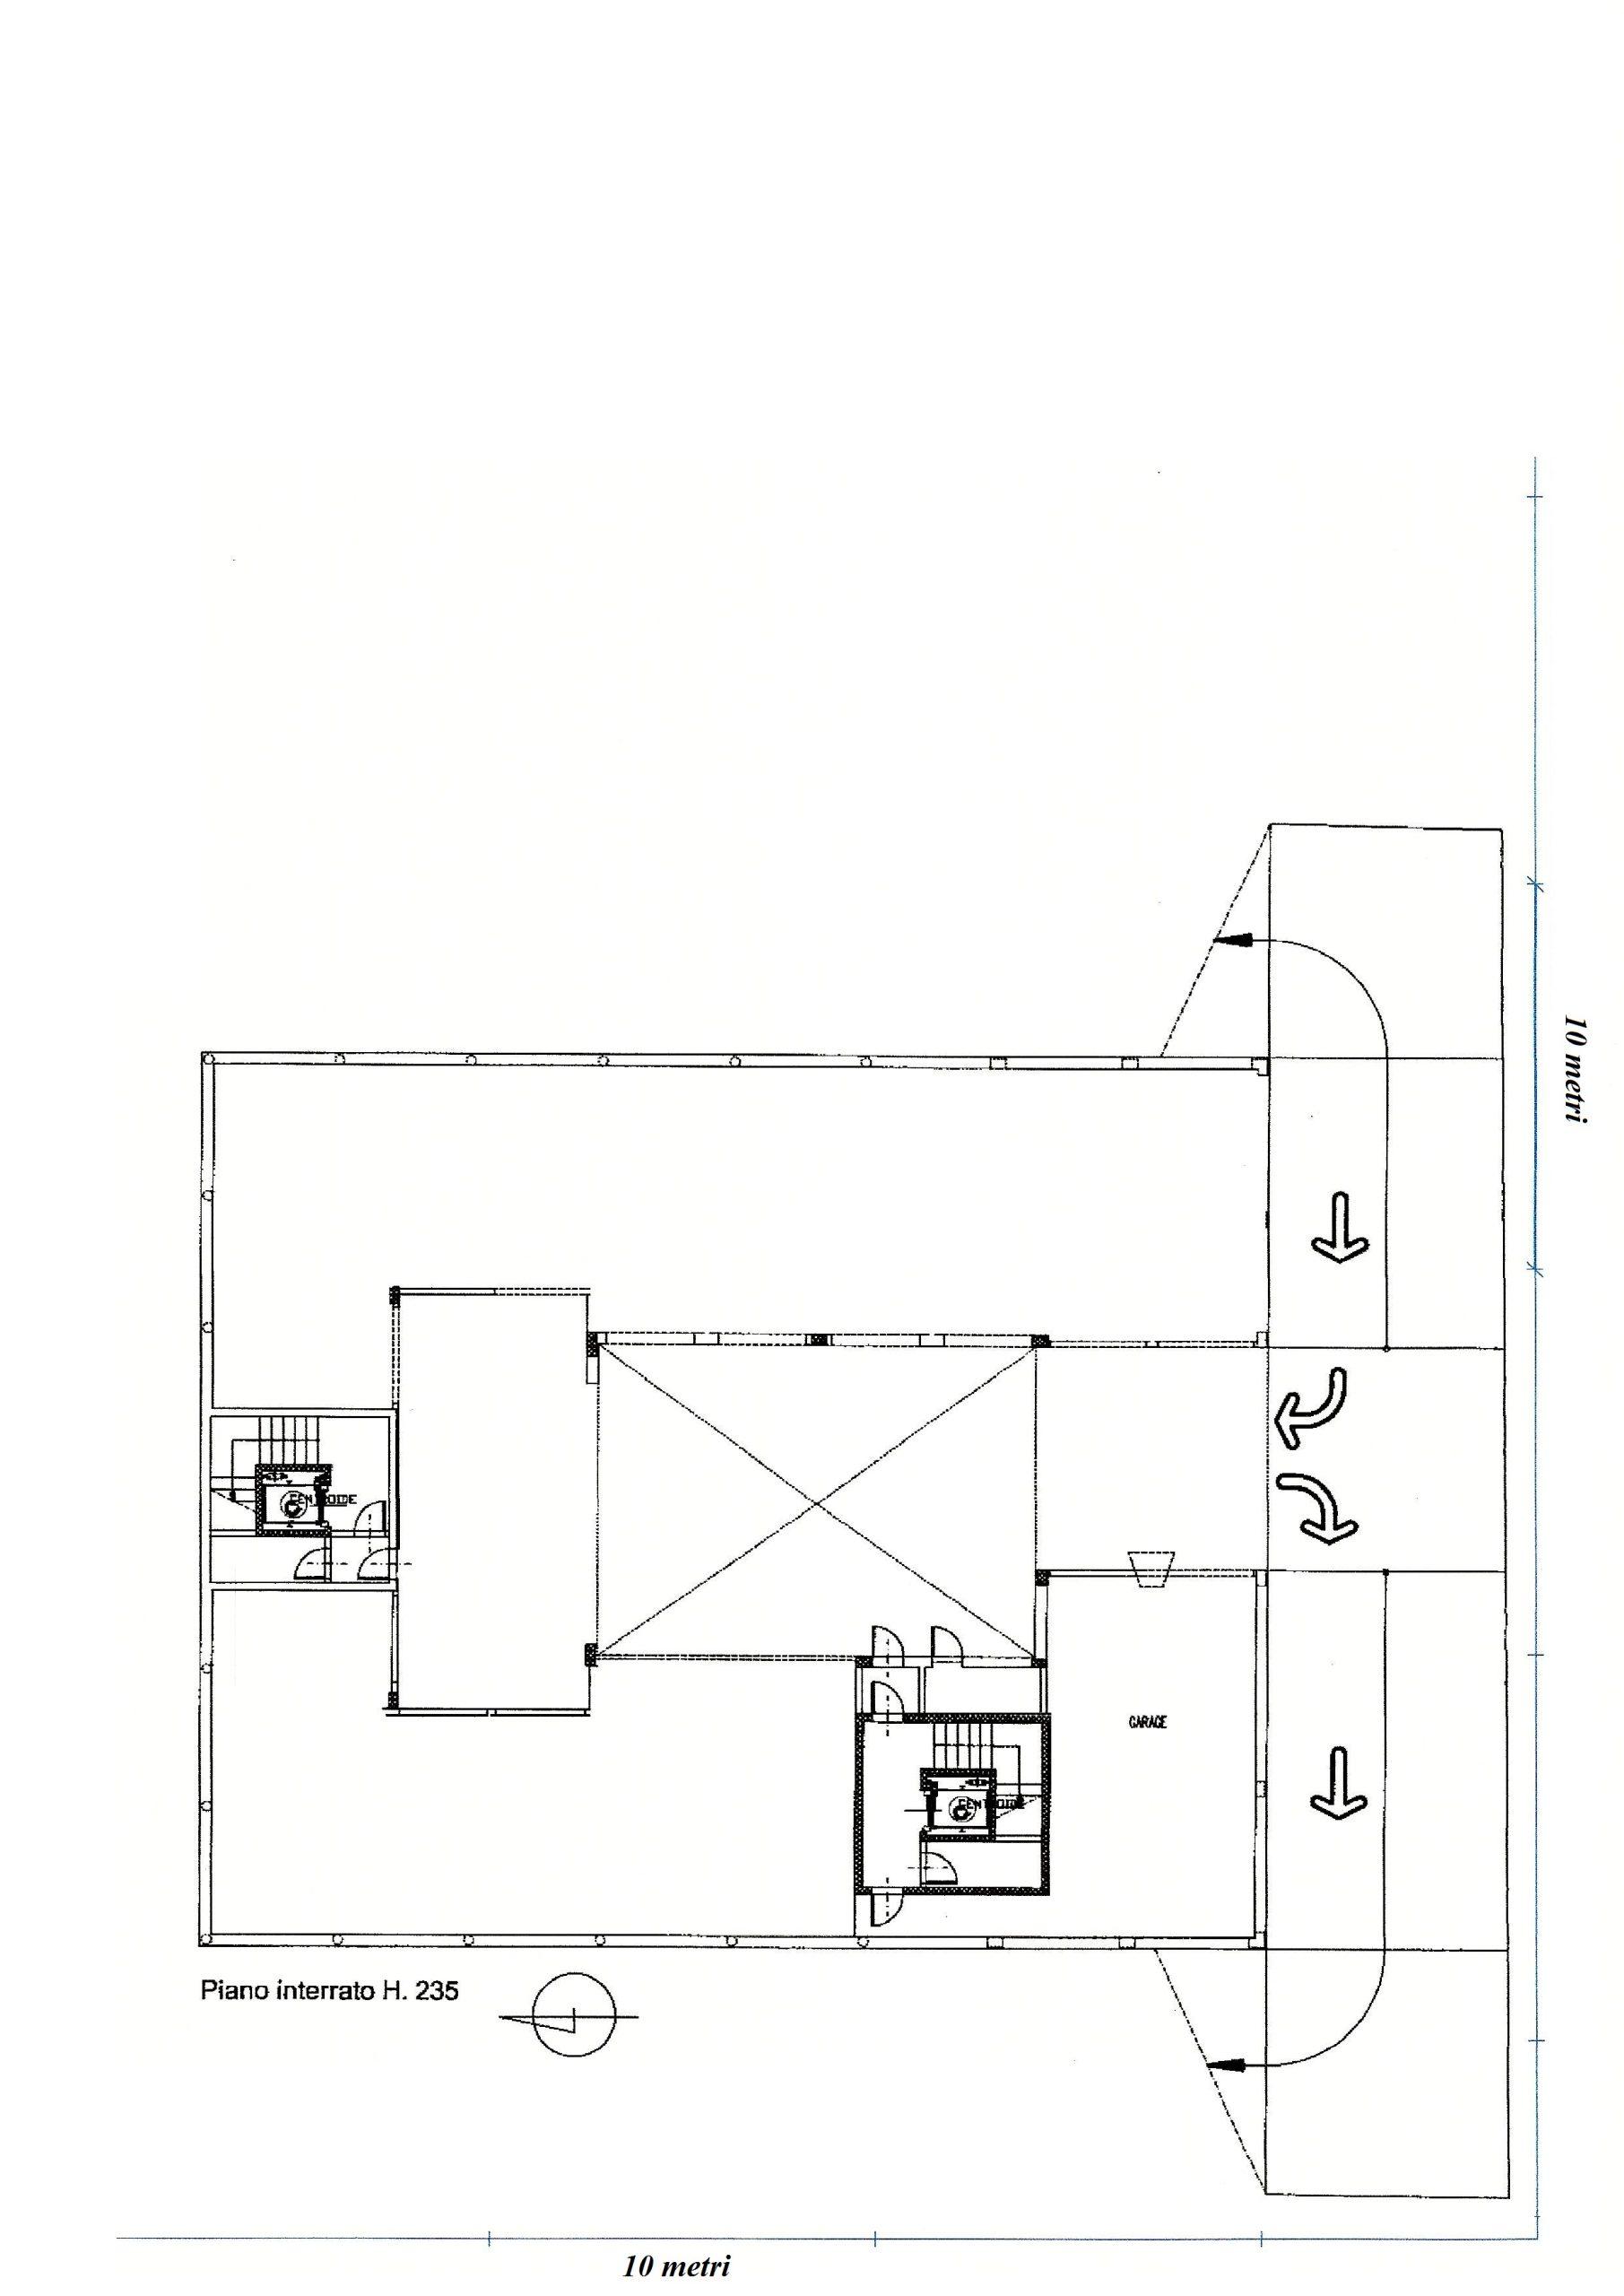 planimetria garage grande